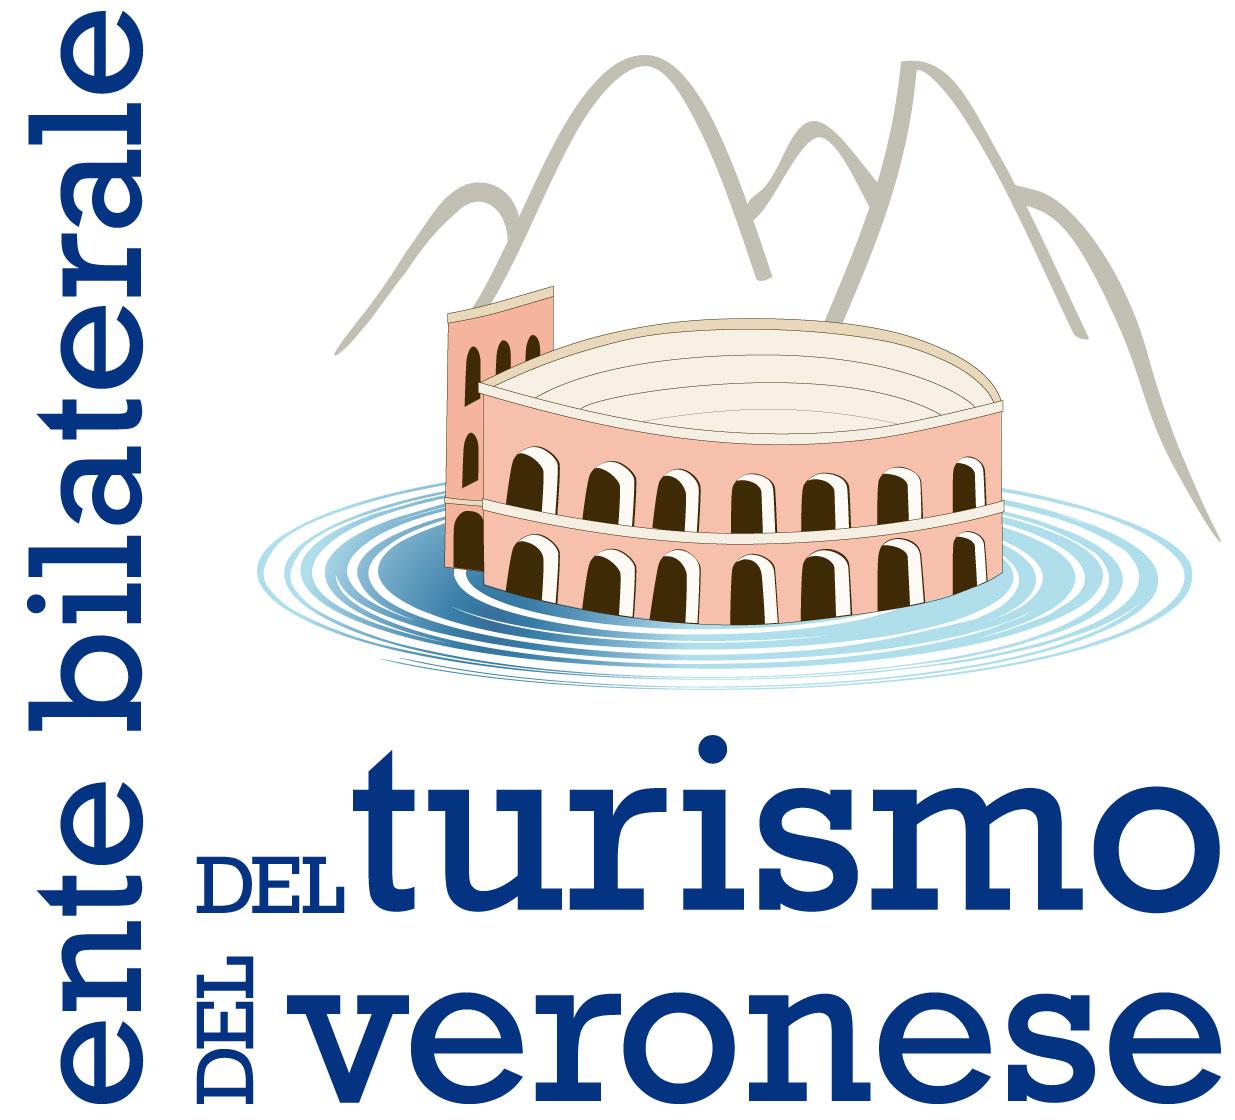 Ente Bilaterale del Turismo del Veronese